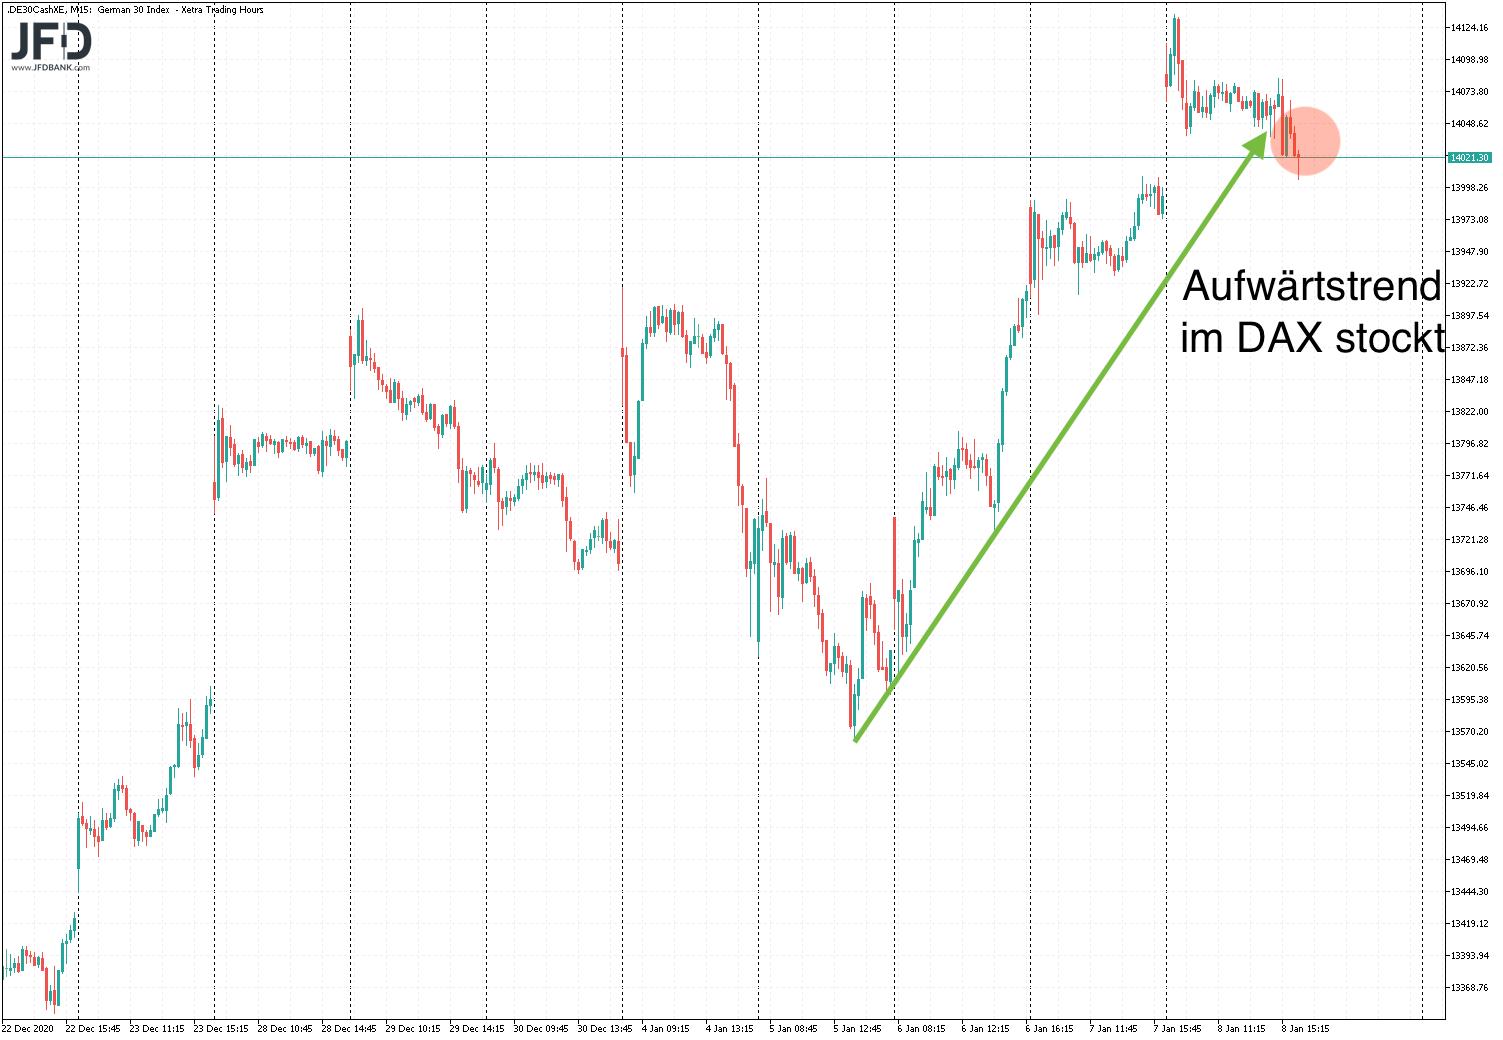 Vorsicht-bei-der-nächsten-DAX-Korrektur-Kommentar-JFD-Bank-GodmodeTrader.de-1